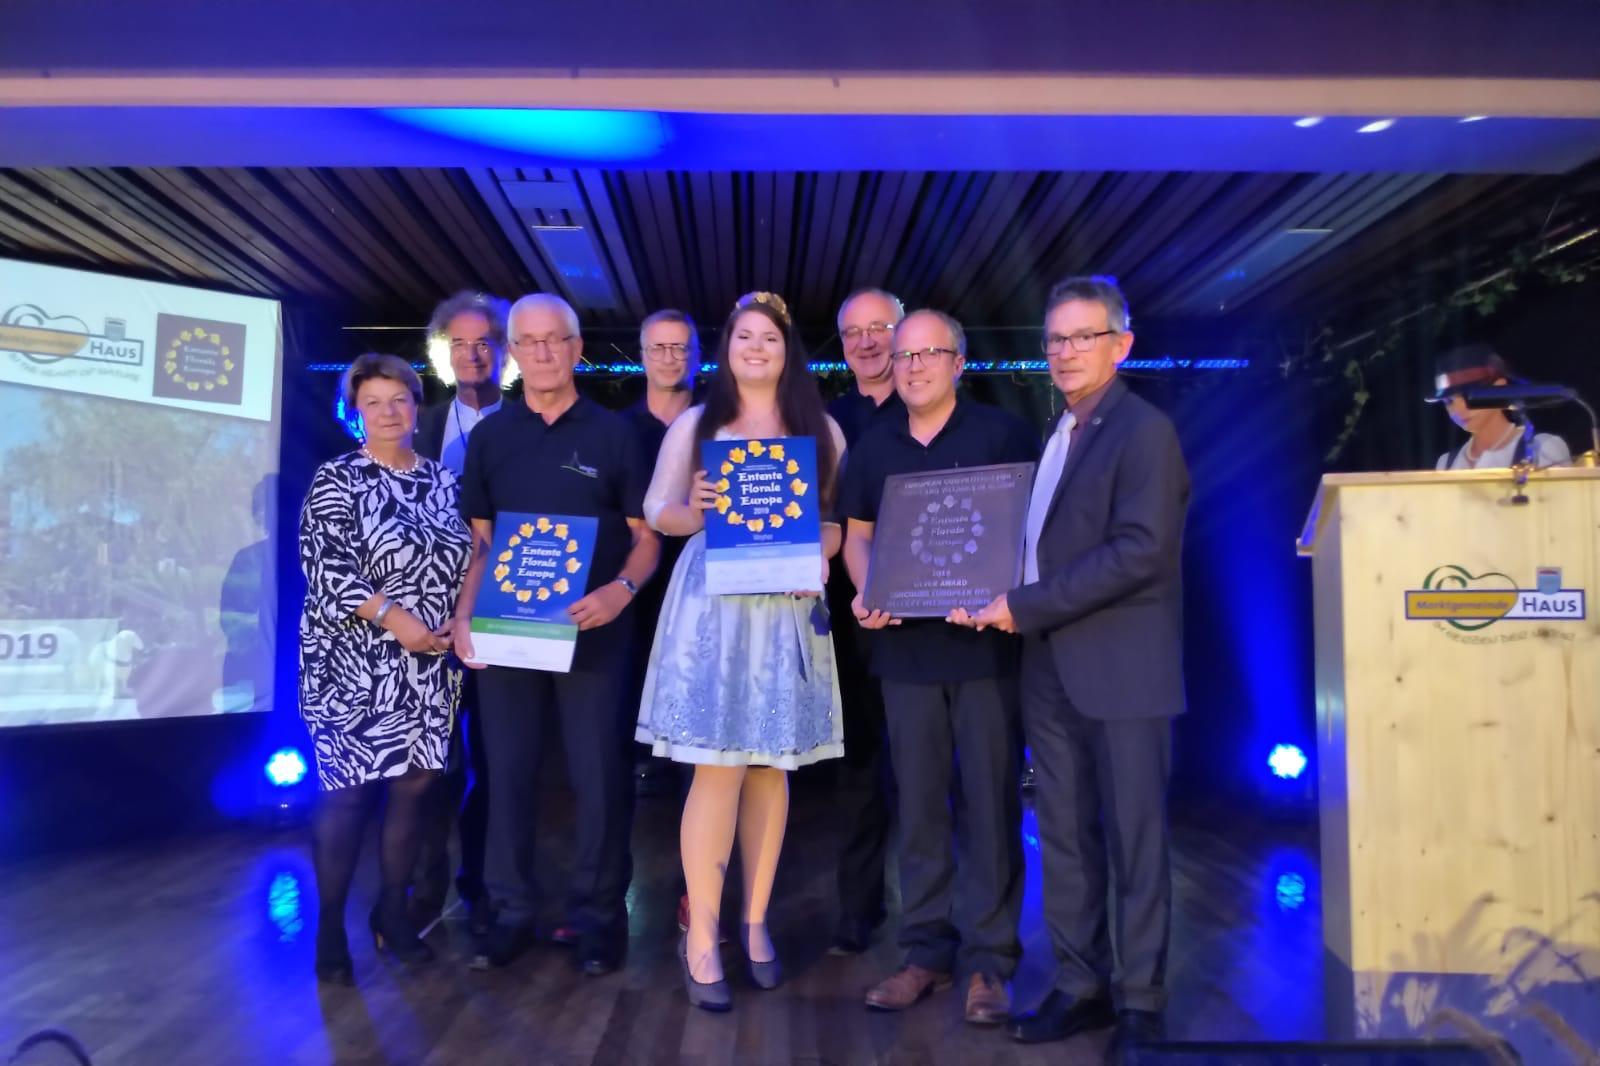 Weyher erhält Silbermedaille beim Europäischen Dorfwettbewerb